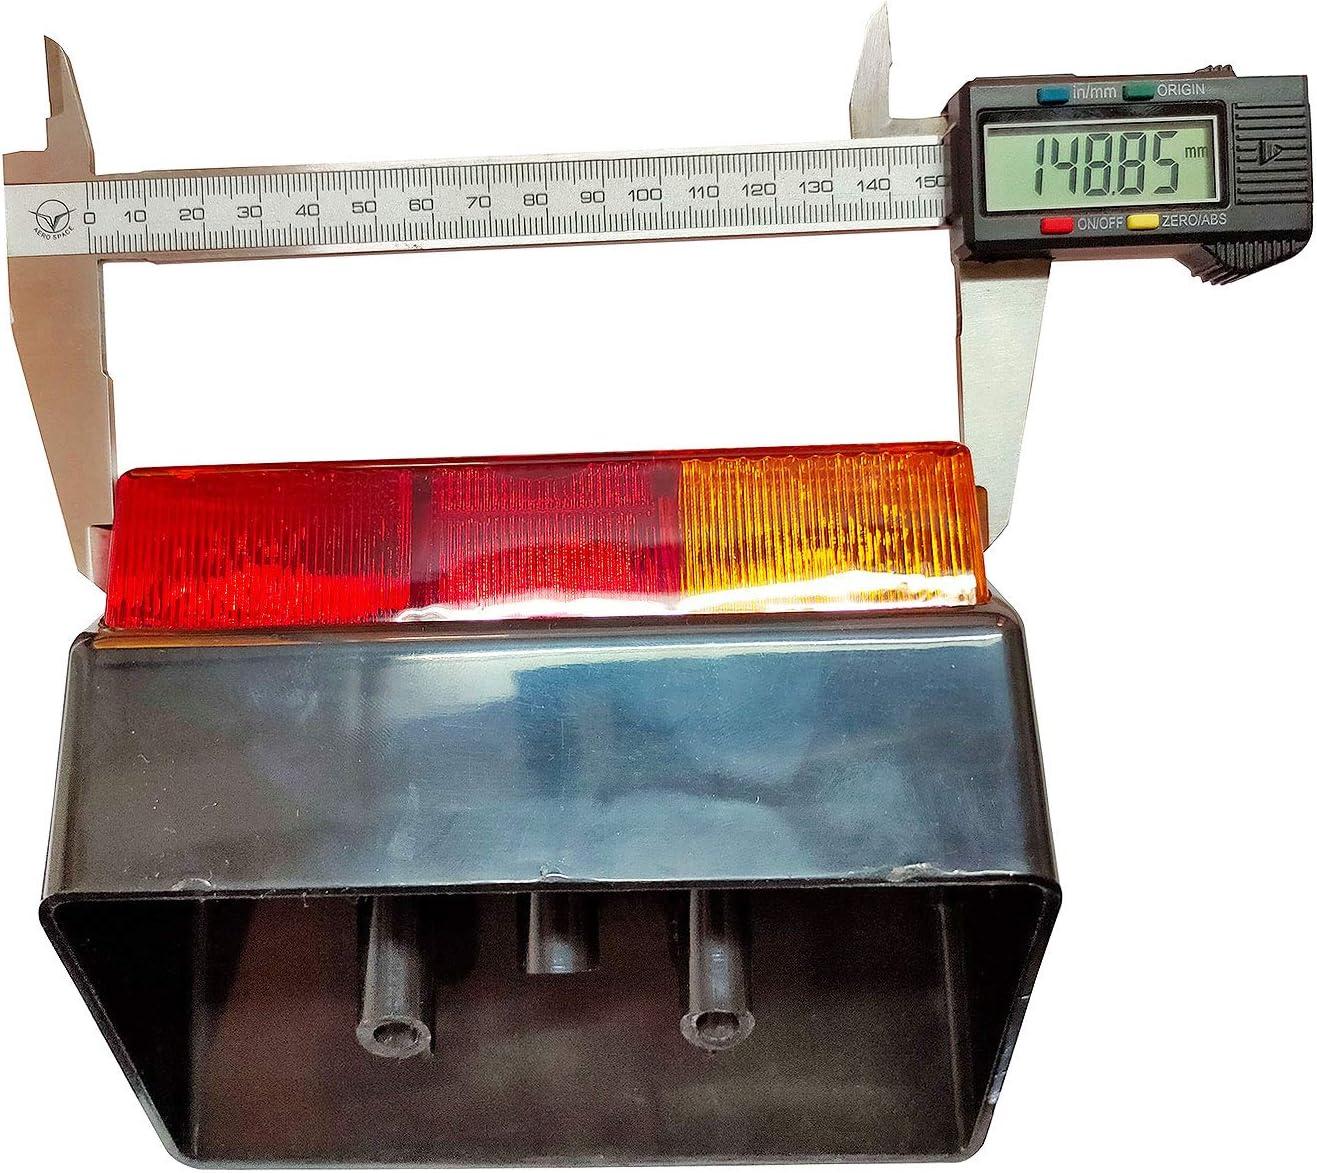 fanale posteriore della lampada luce Deutz fahr Tractor set LH /& rh 11002502 Bajato